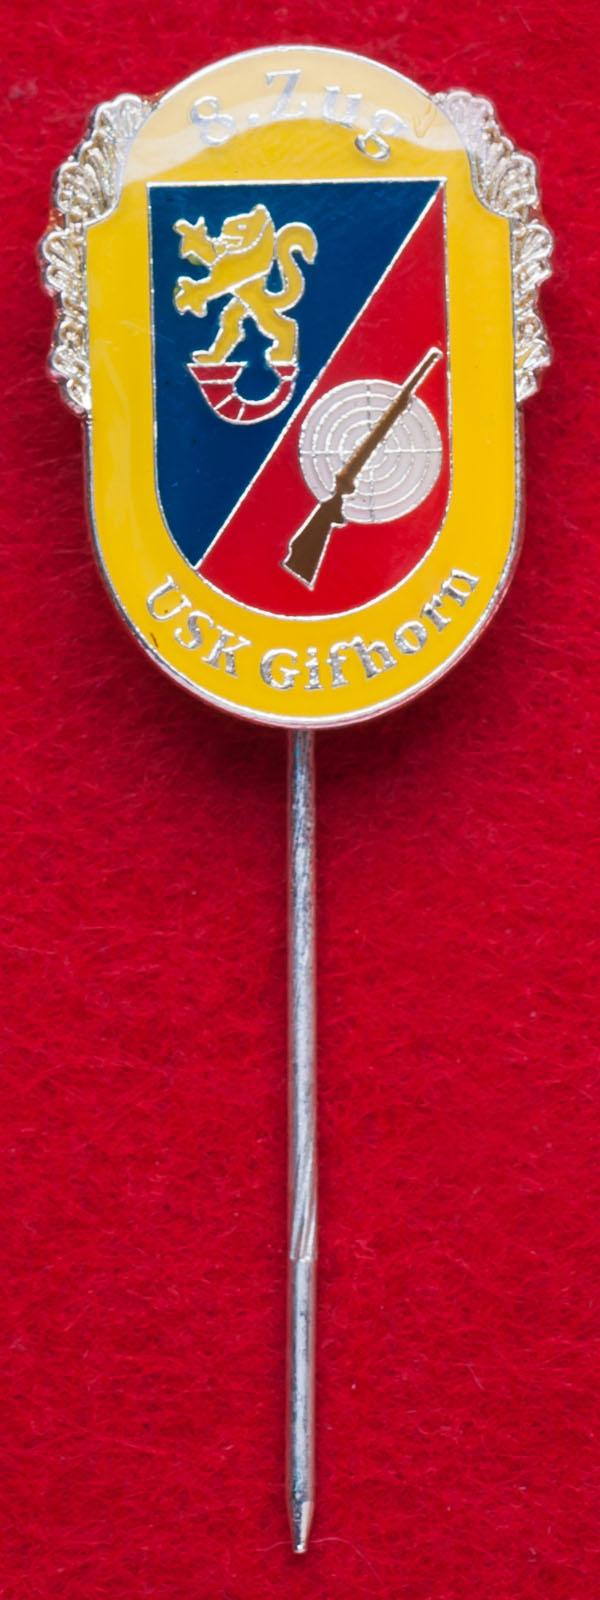 Значок стрелкового клуба в городе Гифхорн, Германия